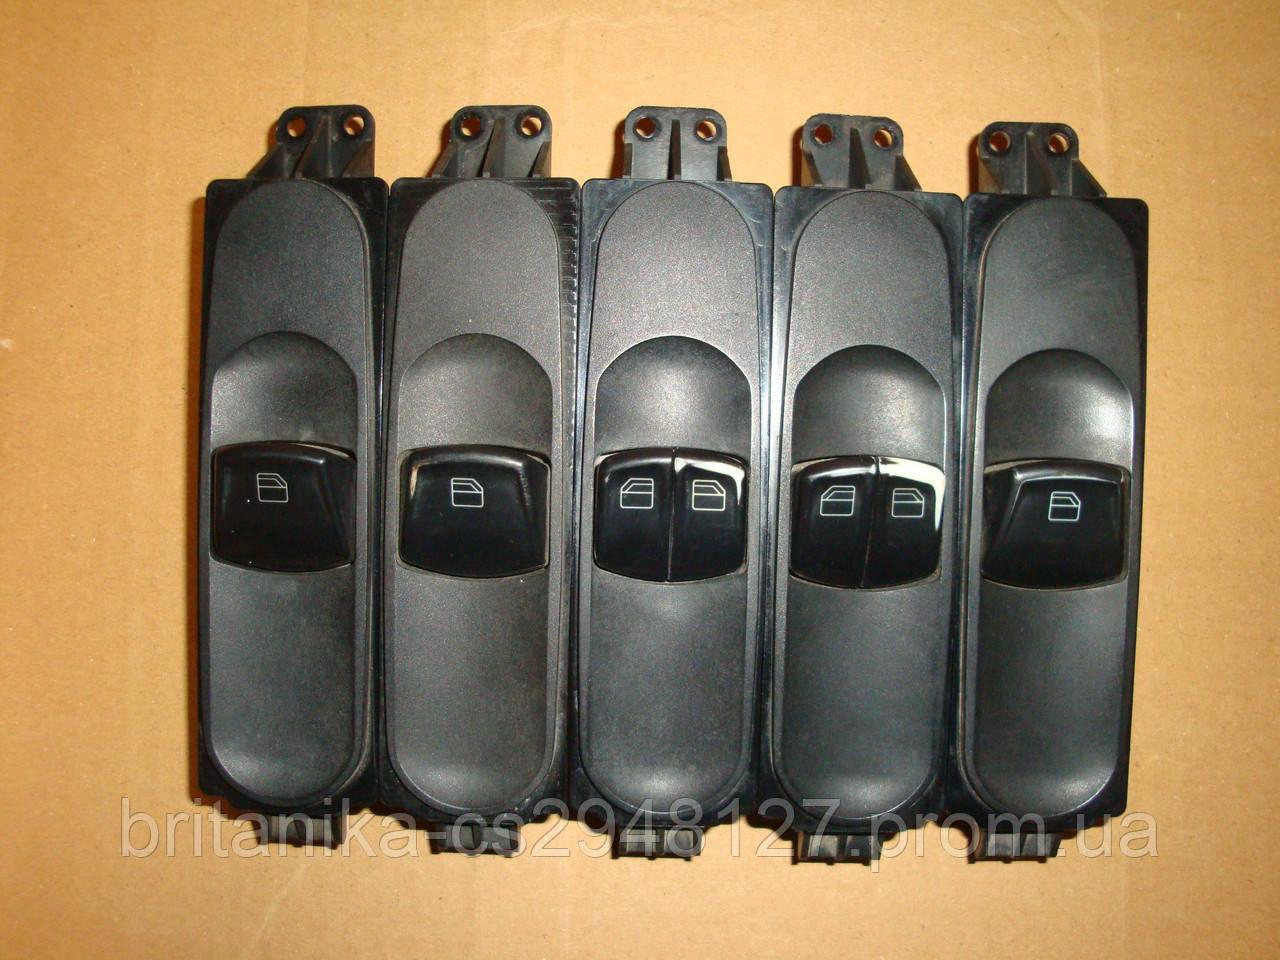 Блок управления электростекло подьемниками Мерседес Вито 639 правый R пассажирский бу Vito